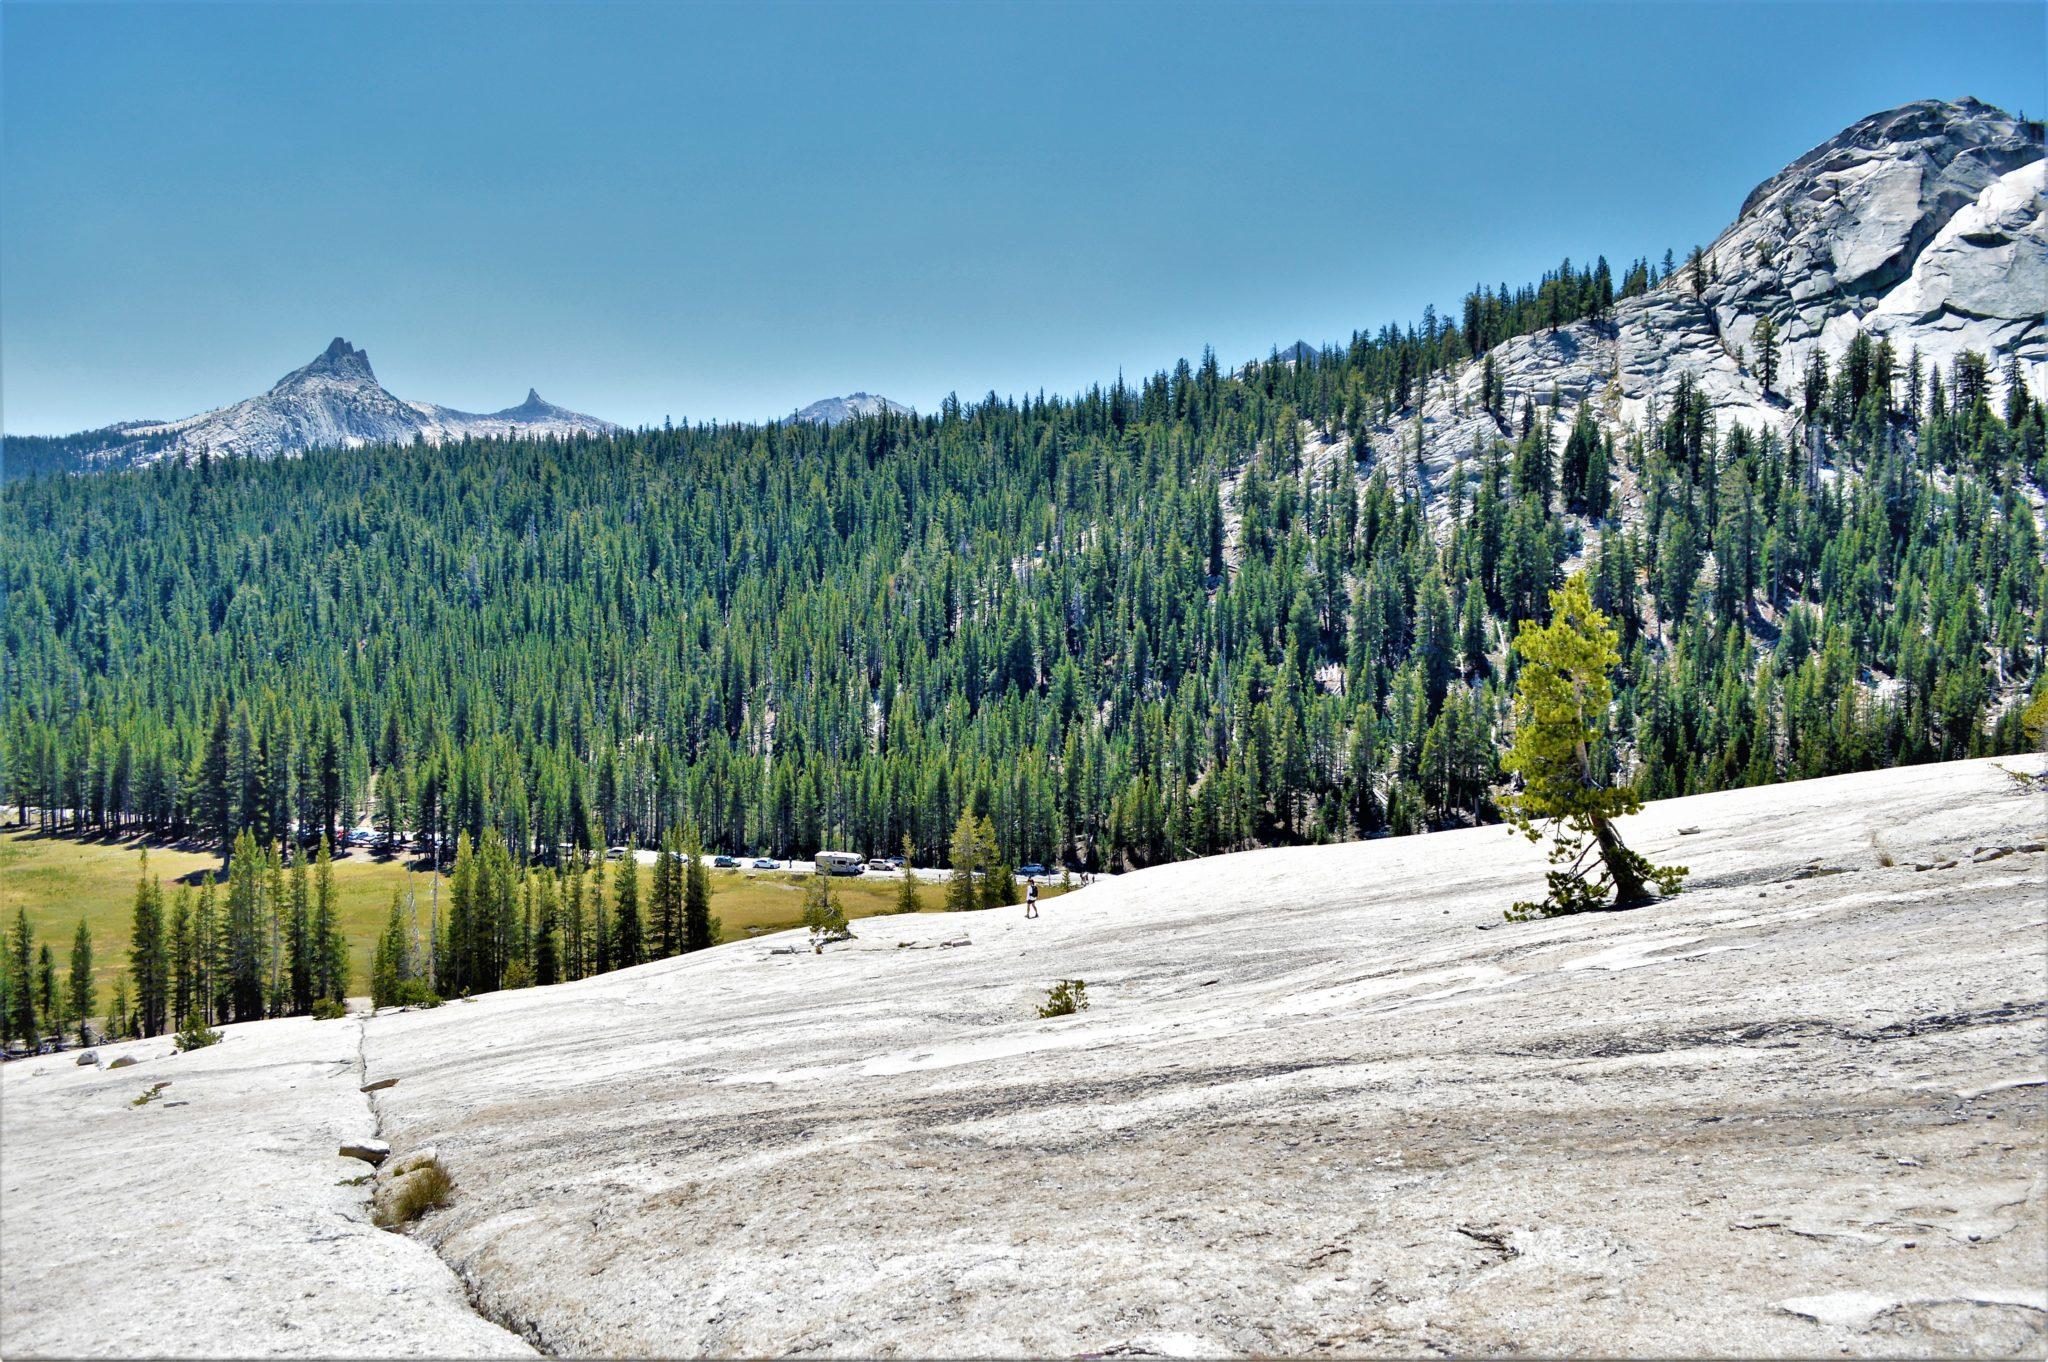 Climbing at Yosemite National Park, California